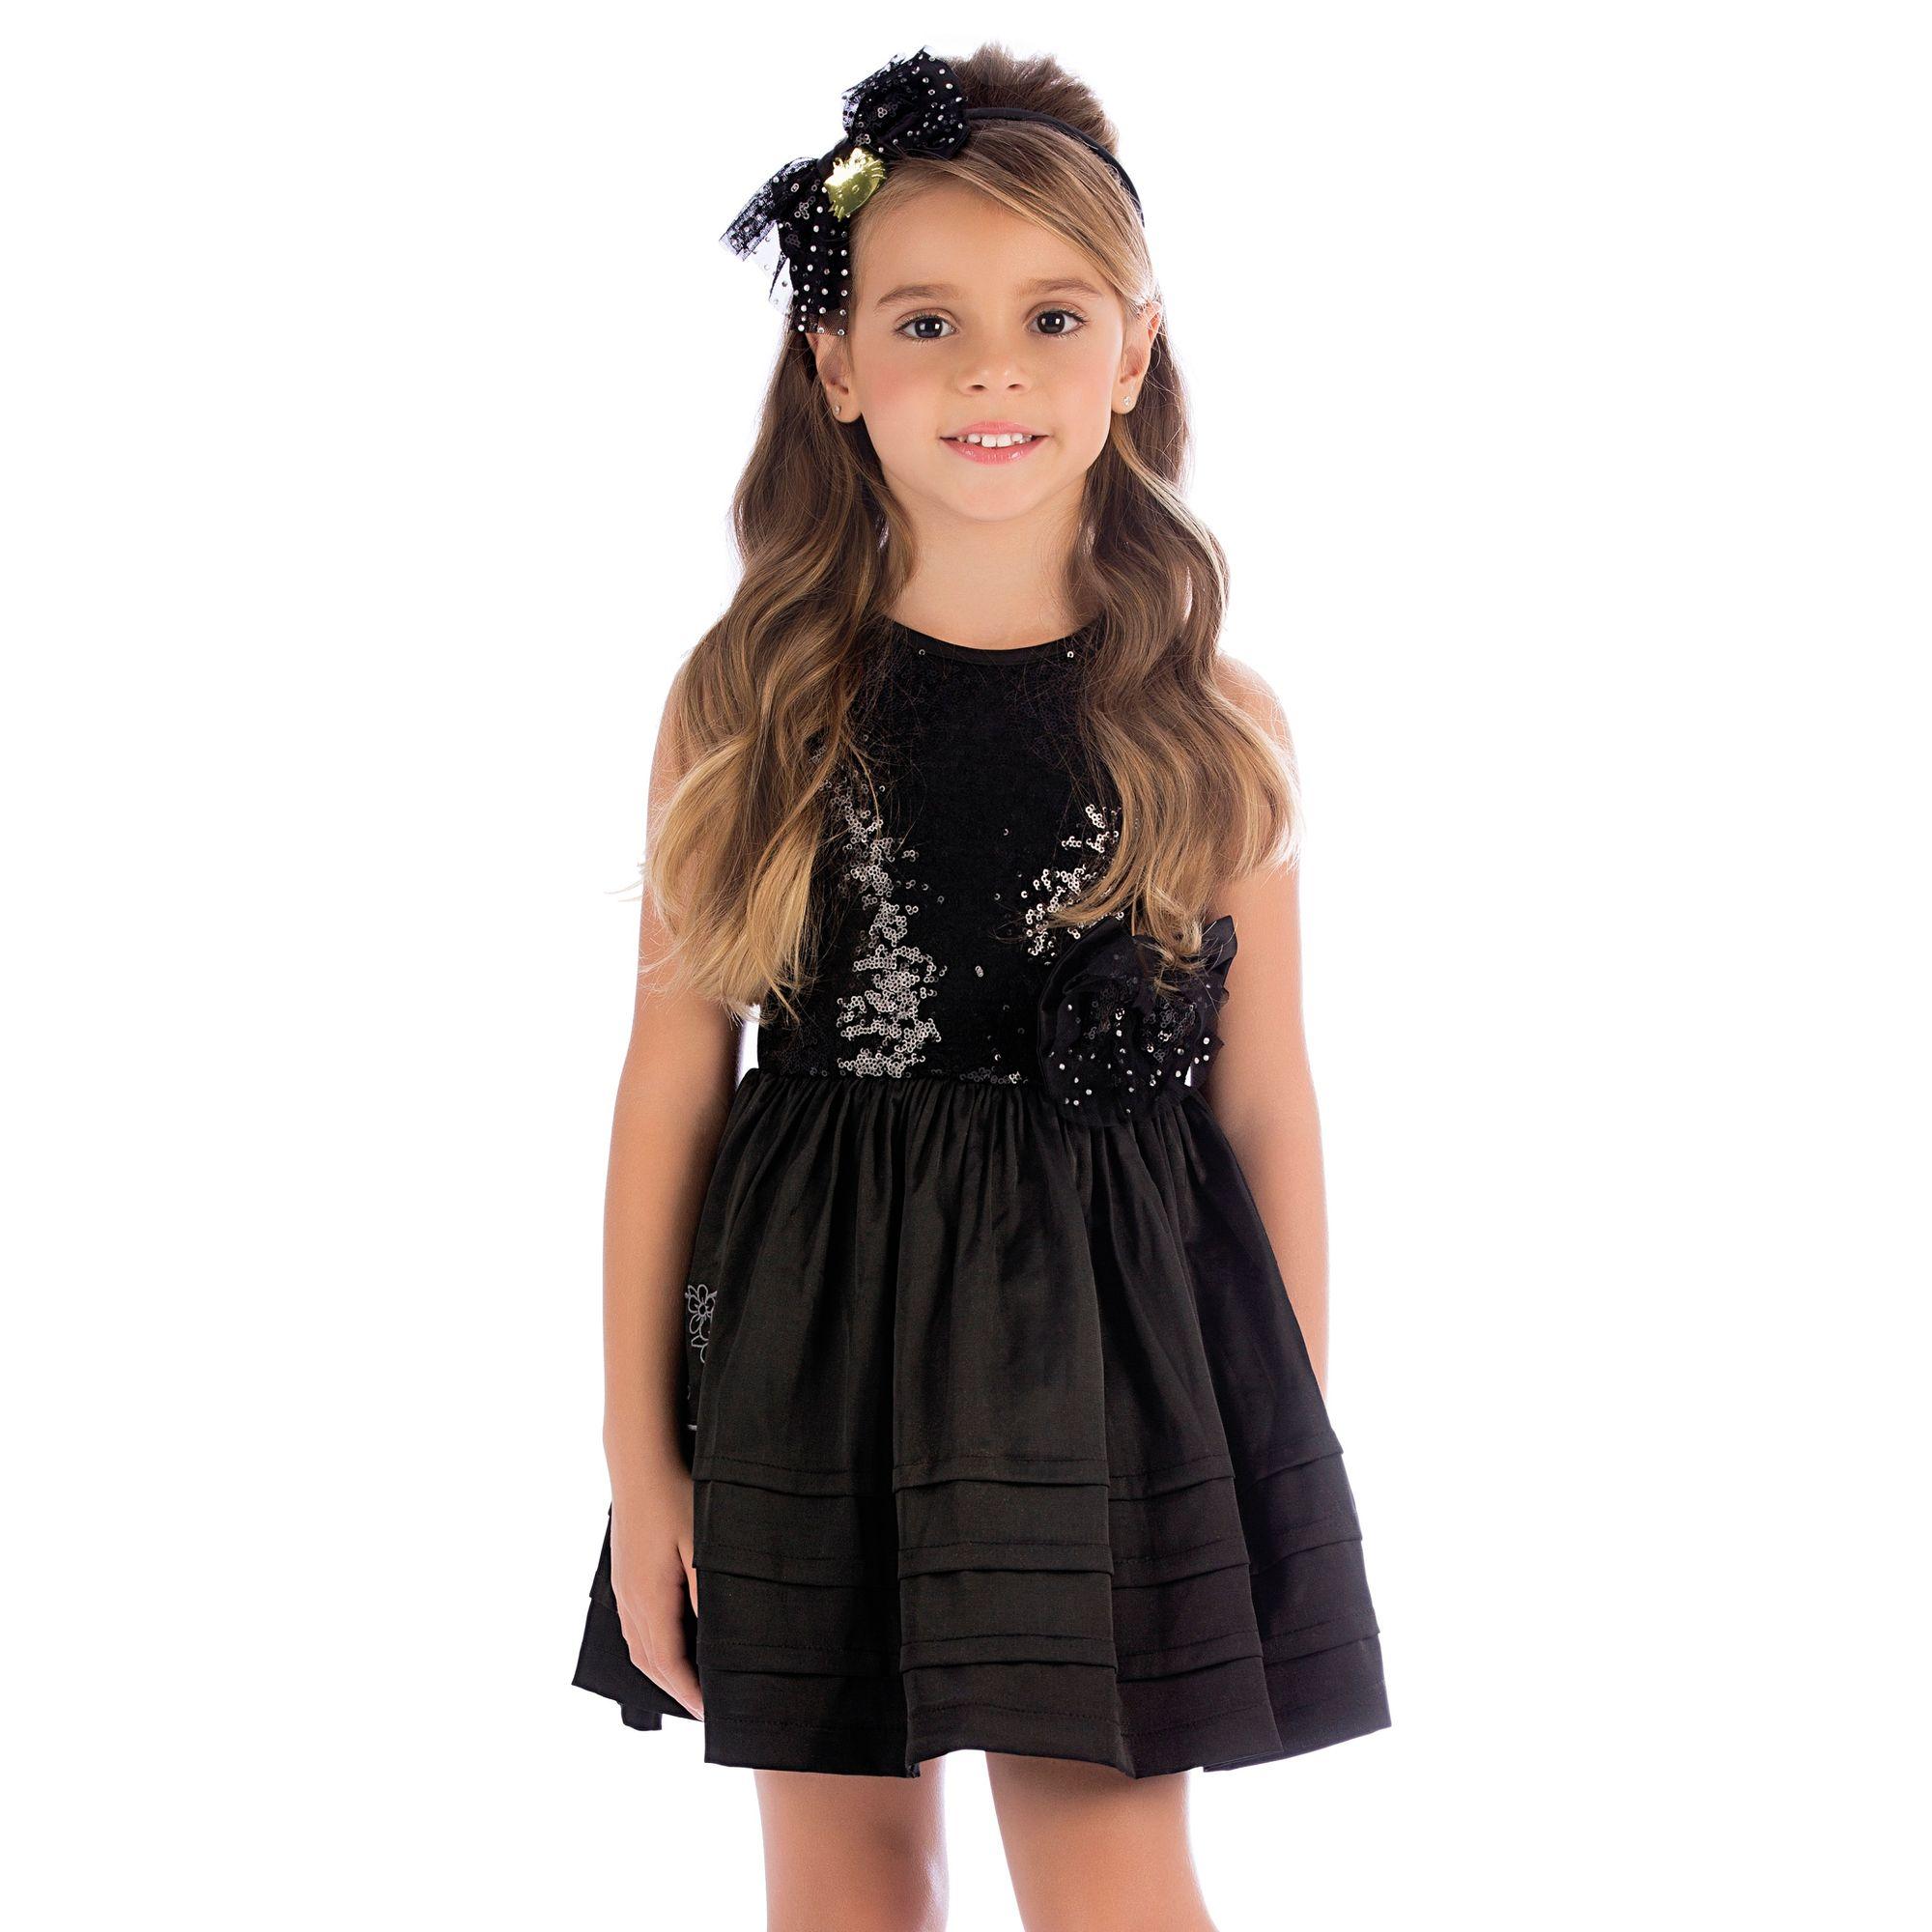 c2ab252df82c Vestido Infantil Festa Preto - Vestidos Infantis é na loja EcaMeleca Kids -  EcaMeleca